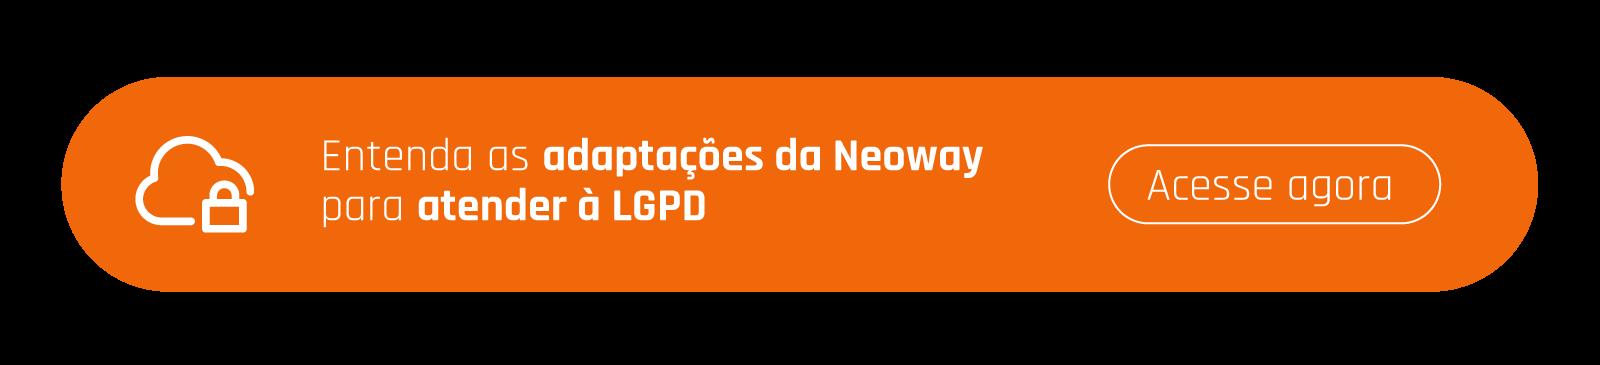 cta entenda as adaptacoes da neoway para atender lgpd